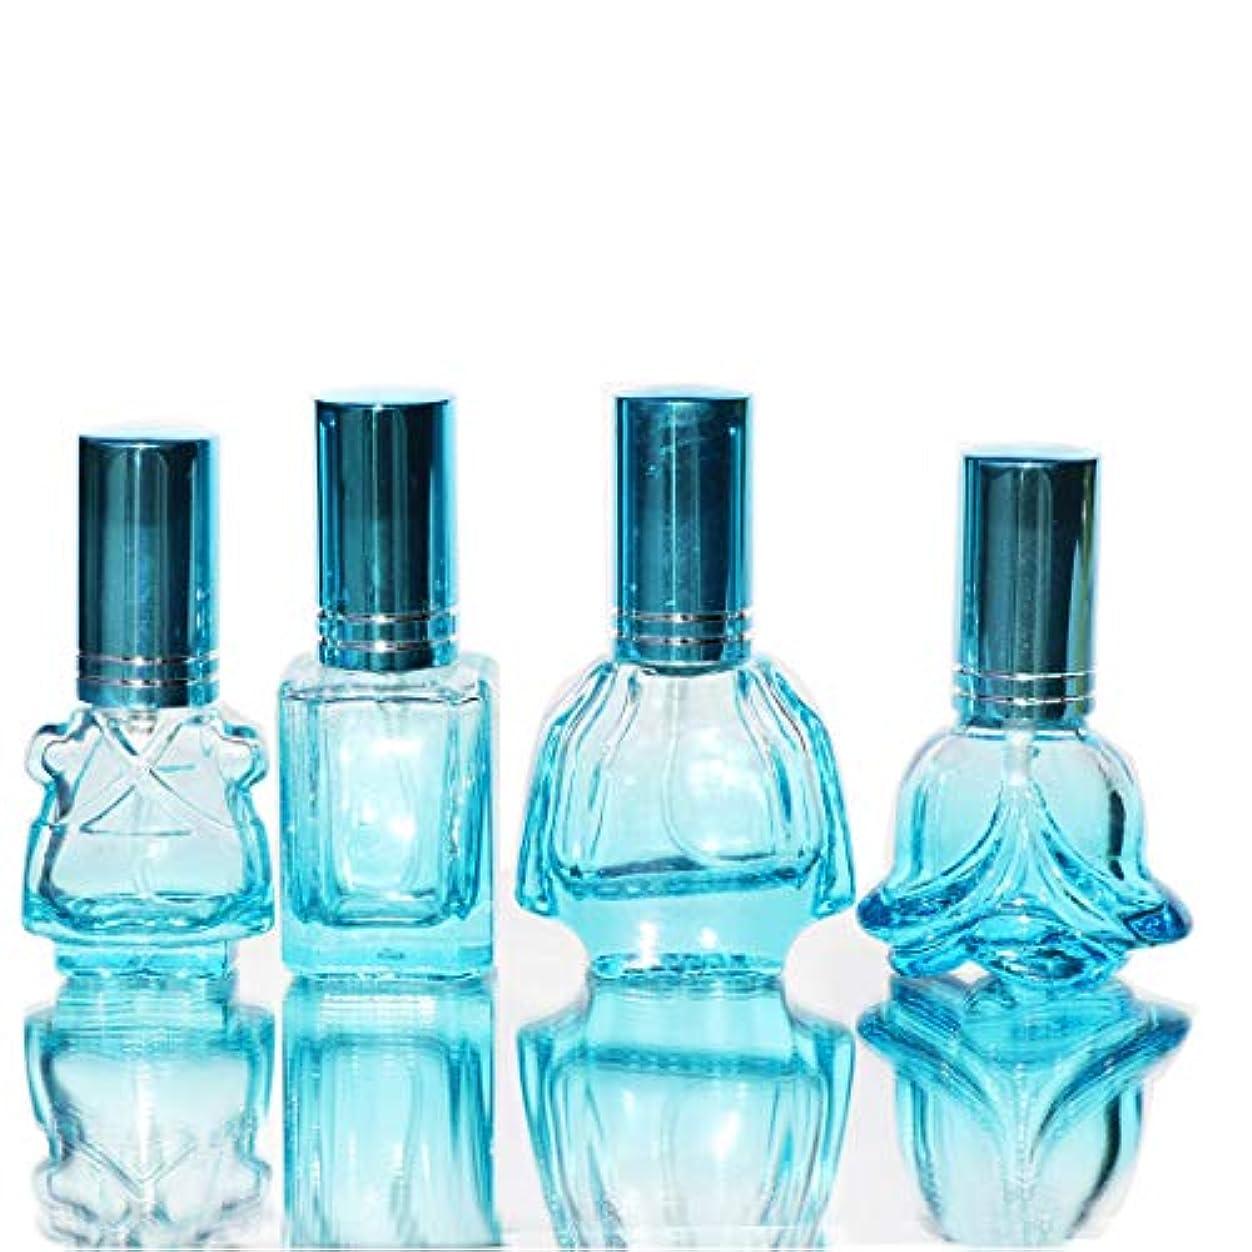 マイルストーンおしゃれな限られたWaltz&F カラフル ガラス製香水瓶 フレグランスボトル 詰替用瓶 空き アトマイザー 分け瓶 旅行用品 化粧水用瓶